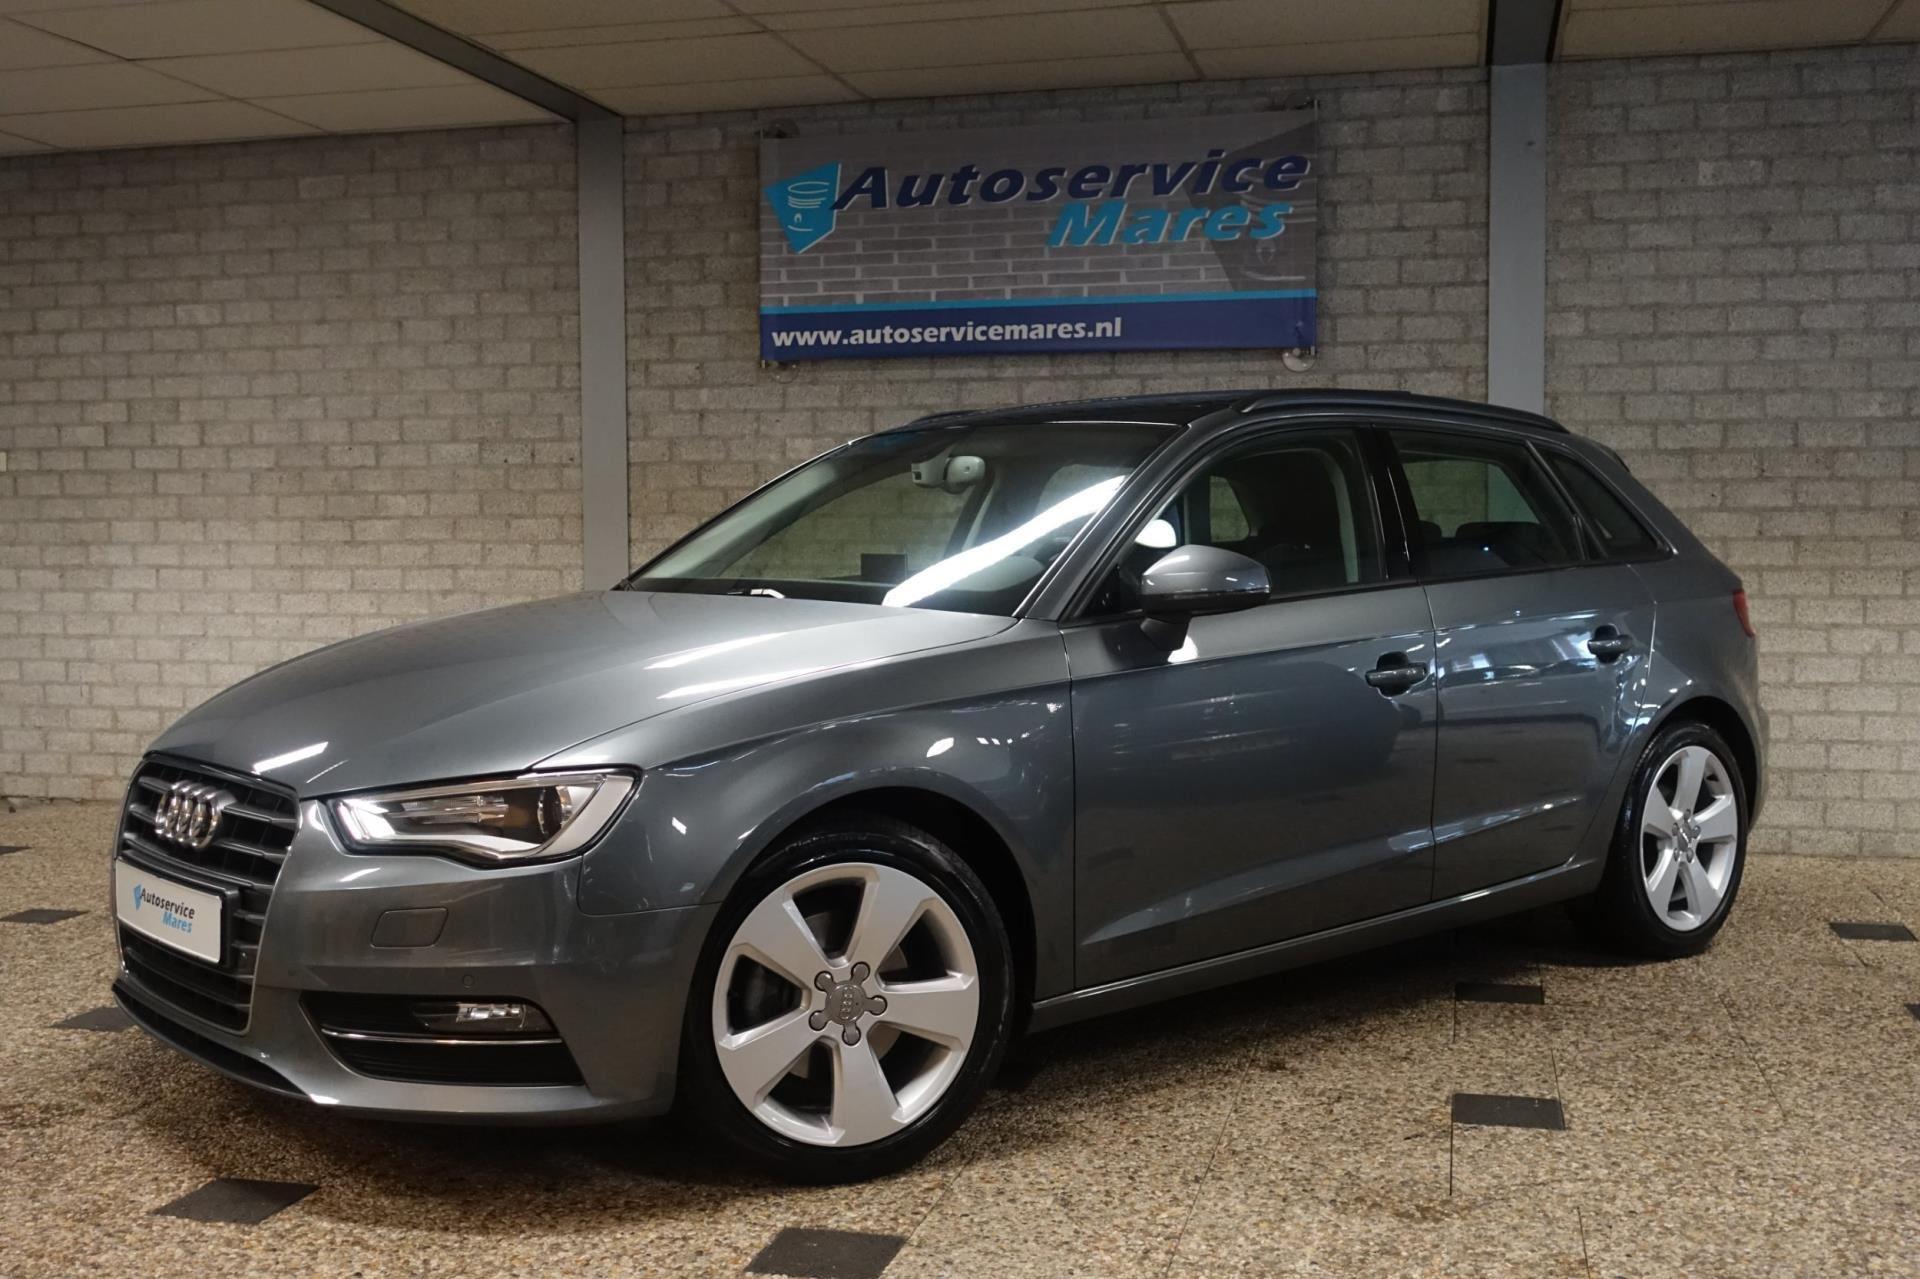 Audi A3 Sportback occasion - Autoservice Mares